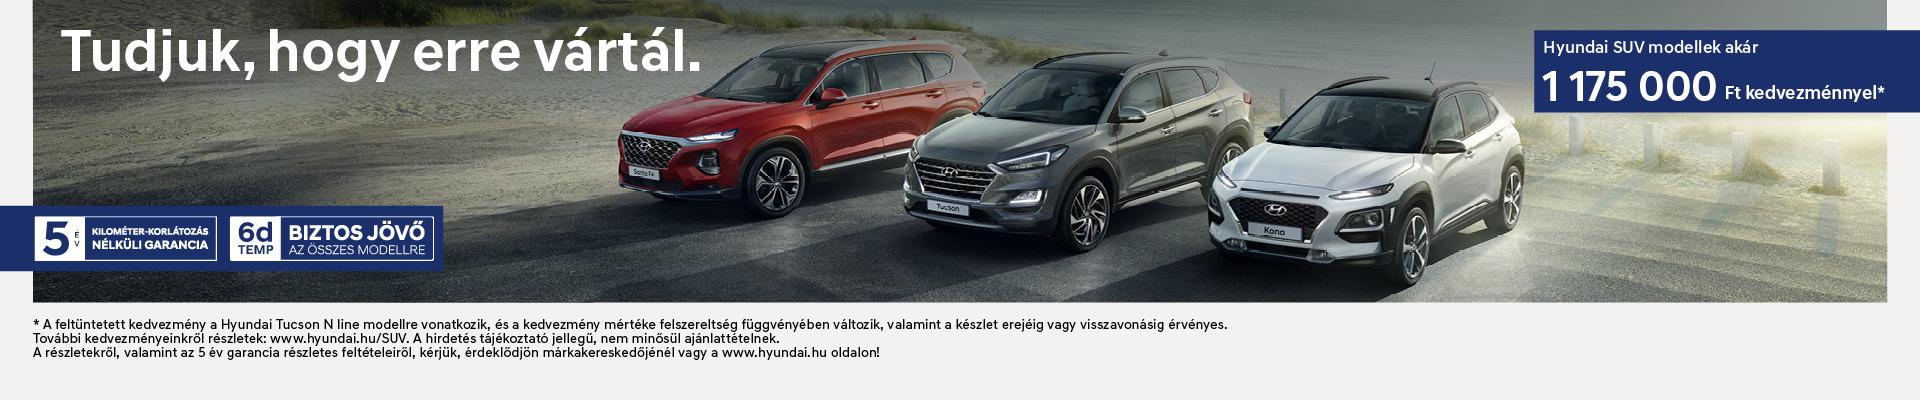 Hyundai SUV Range